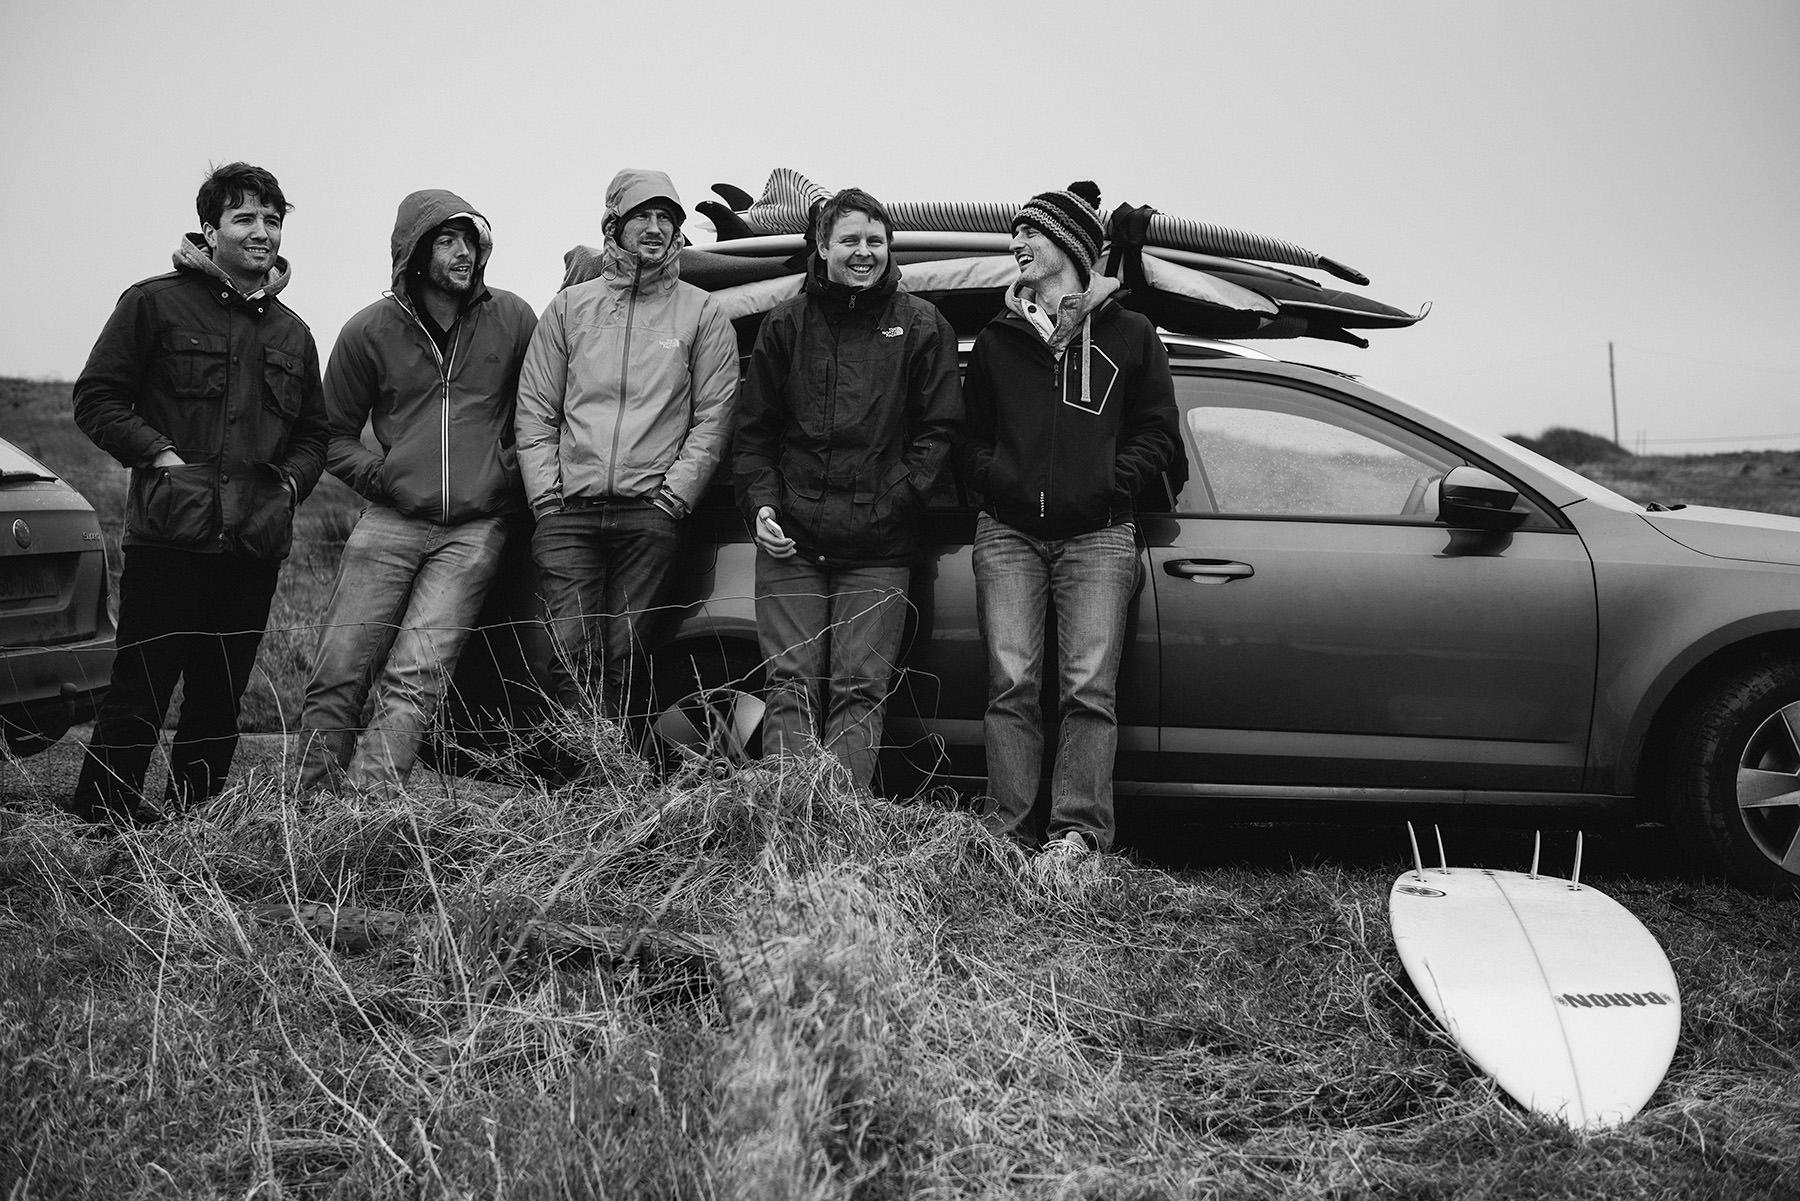 winter-surfing-ireland-sport-adventure-11.jpg